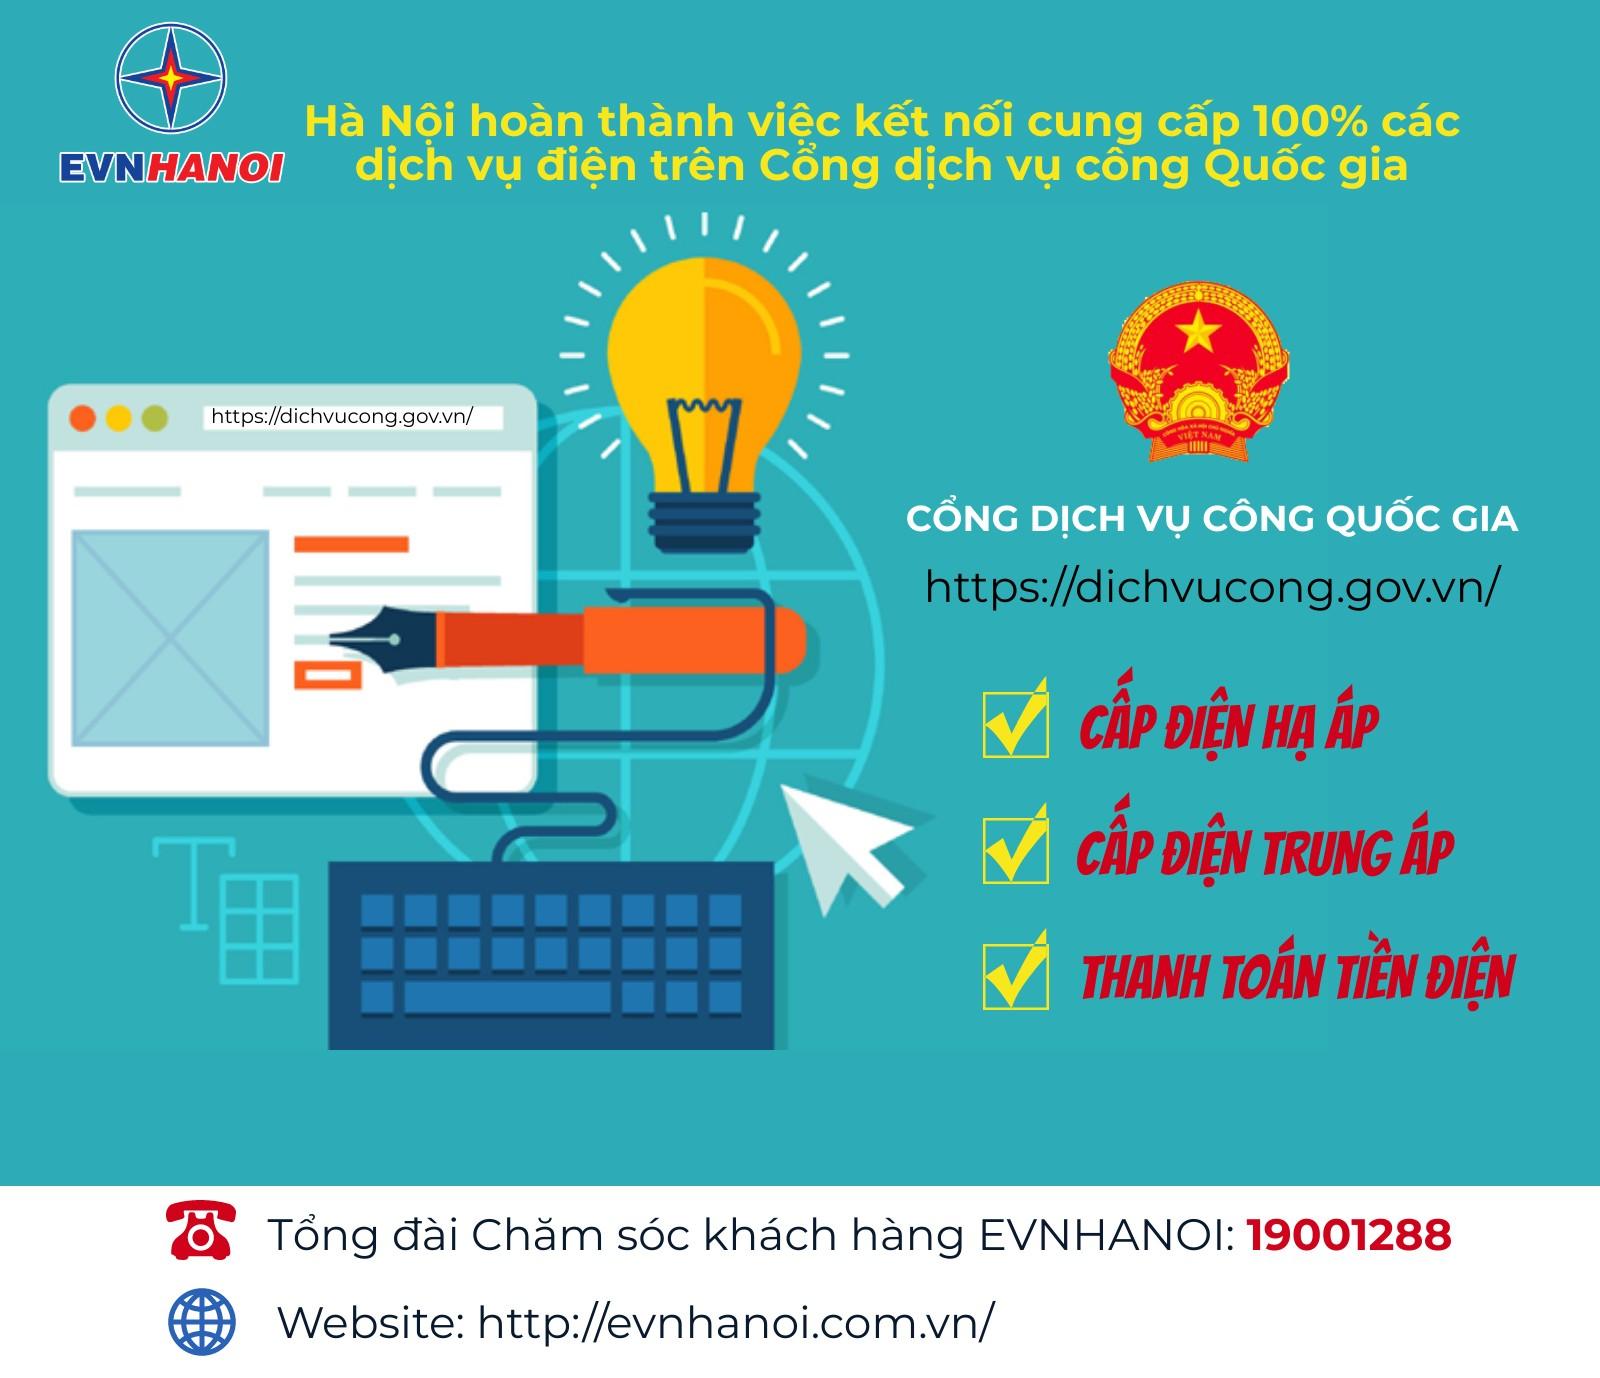 EVNHANOI khuyến khích khách hàng sử dụng các dịch vụ điện trực tuyến-3